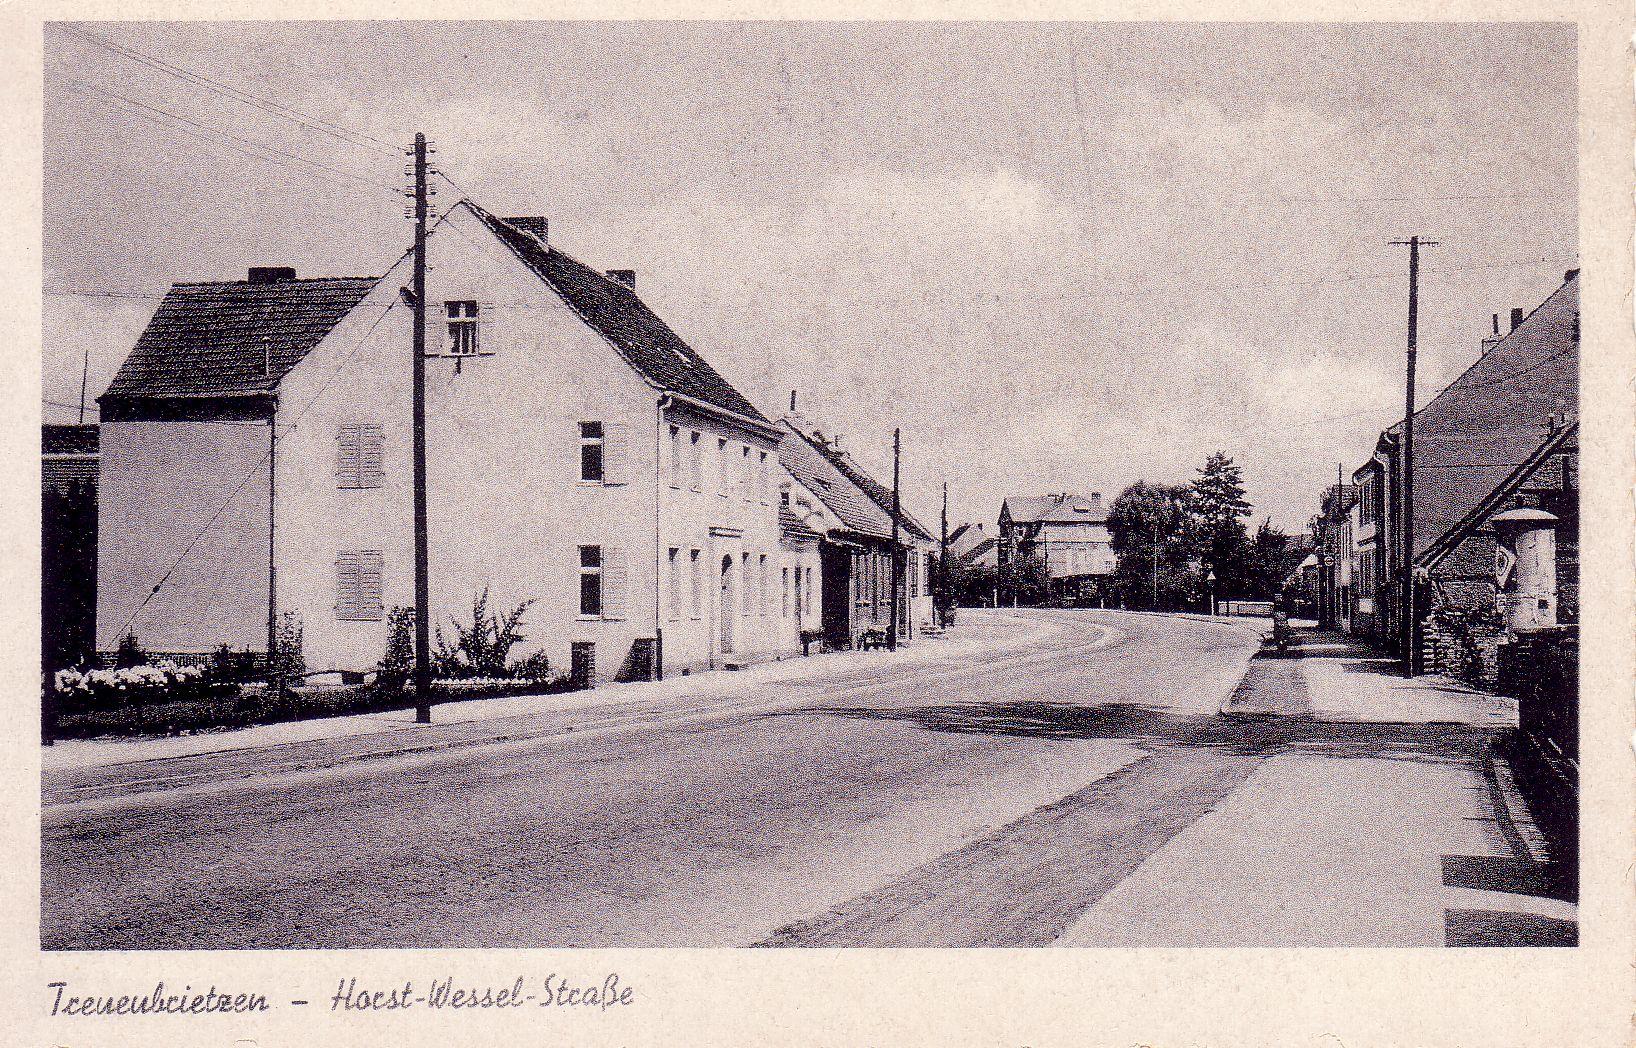 Die Berliner Straße Treuenbrietzen  wurde zeitweise zur Horst-Wessel-Straße umbenannt.